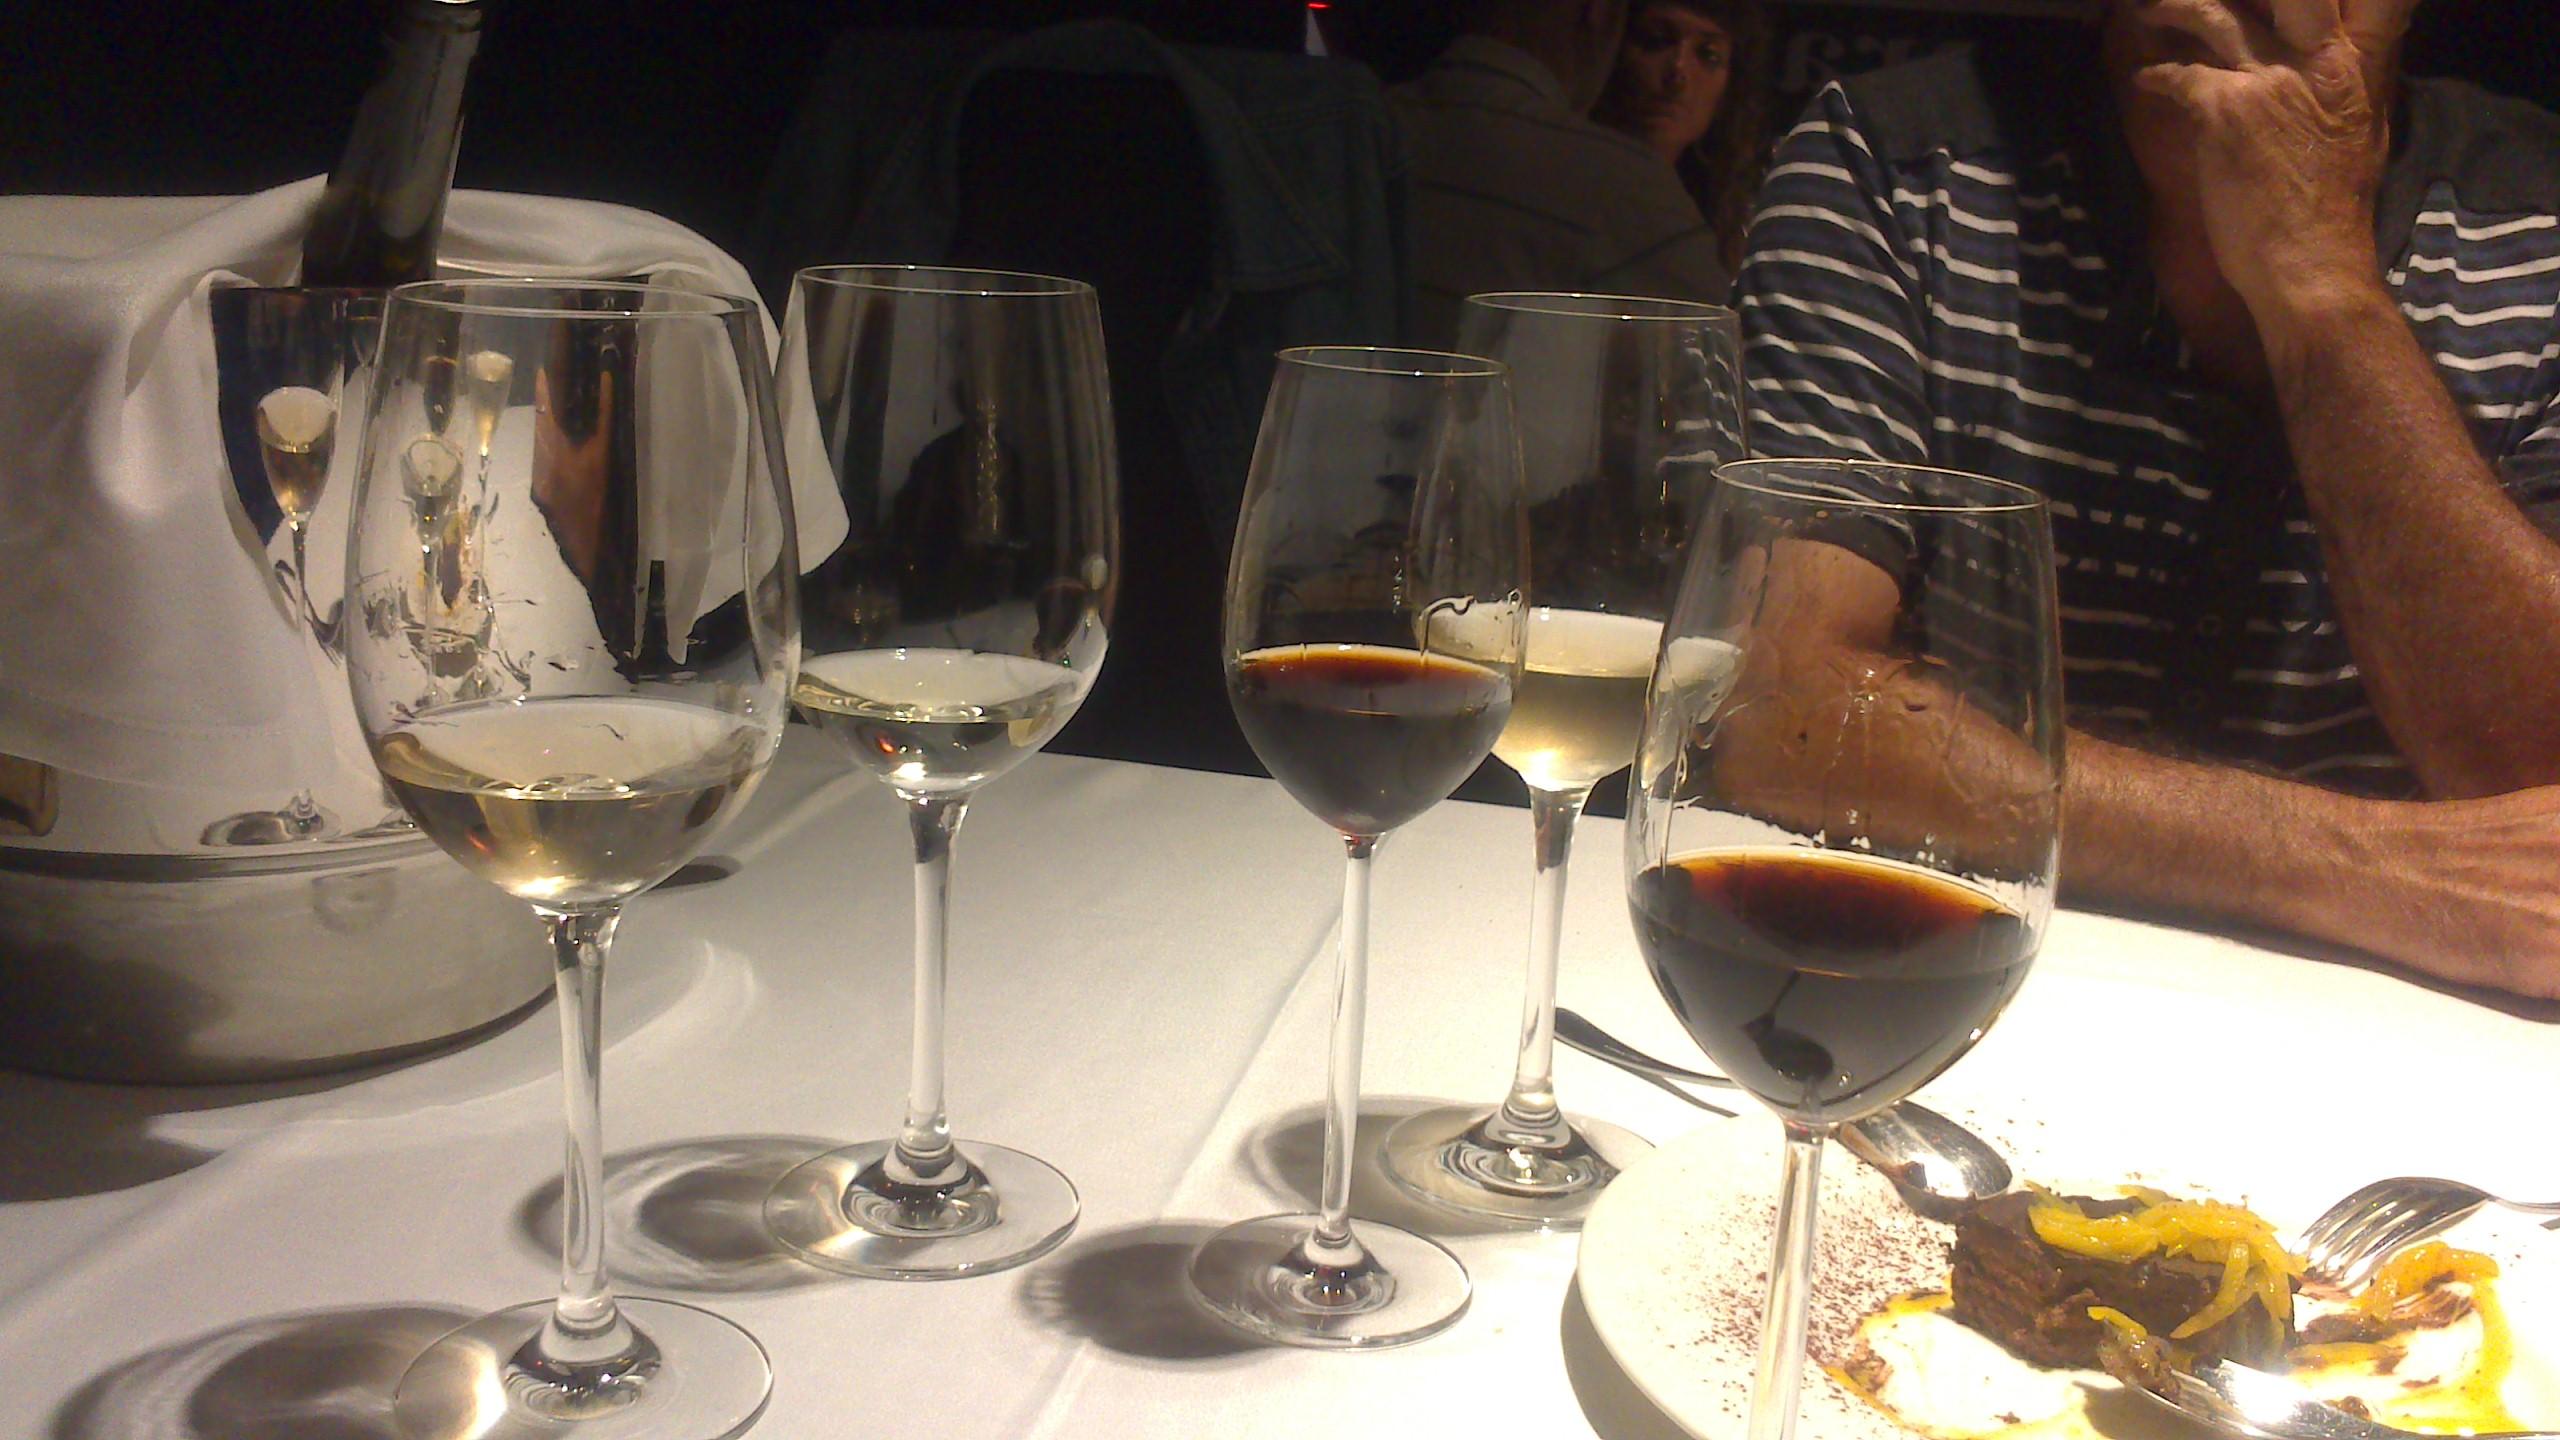 Restaurante Zarate Bilbao Juro que solo éramos 2.